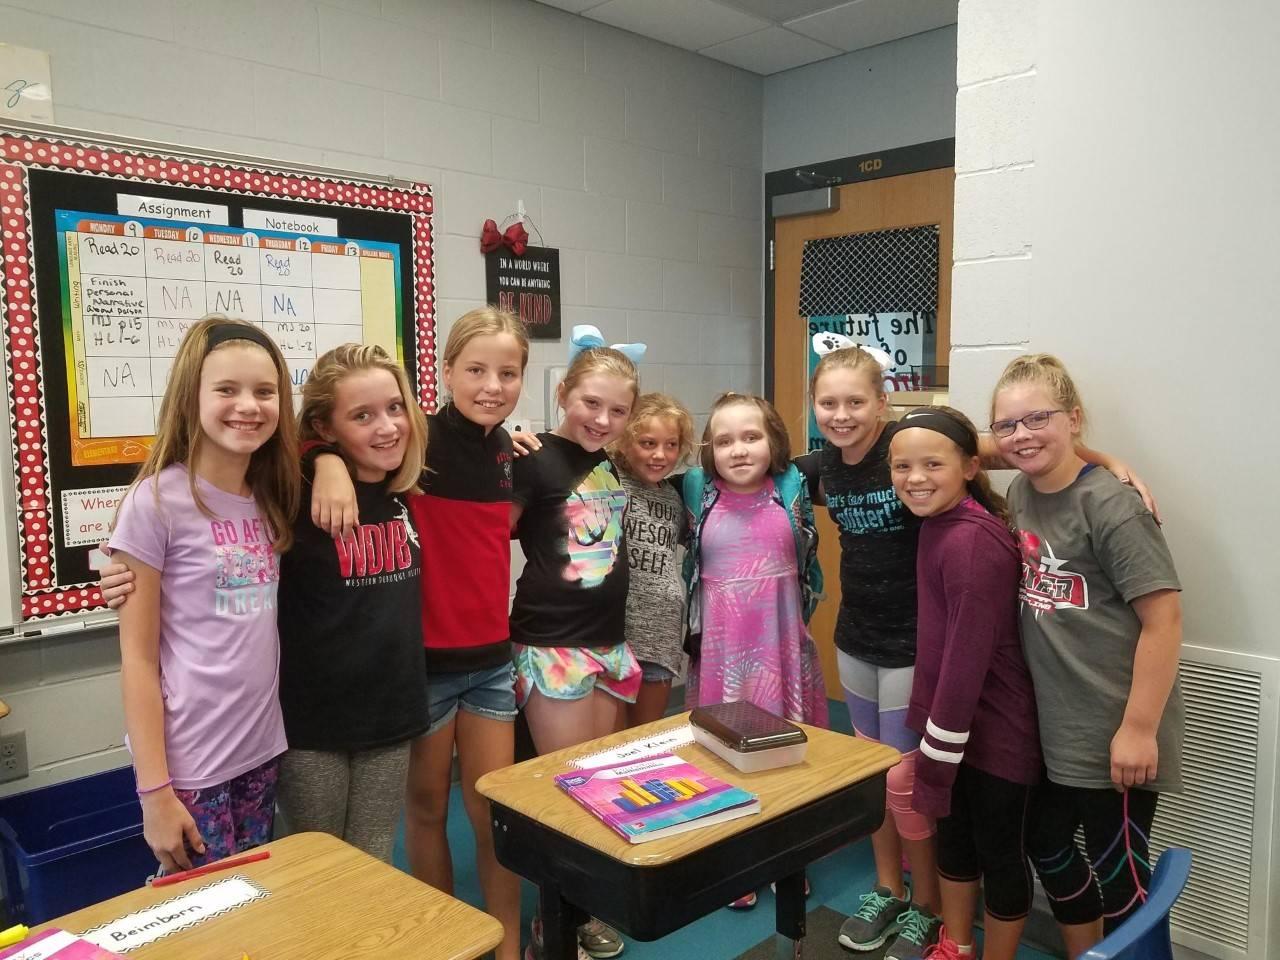 4th grade girls